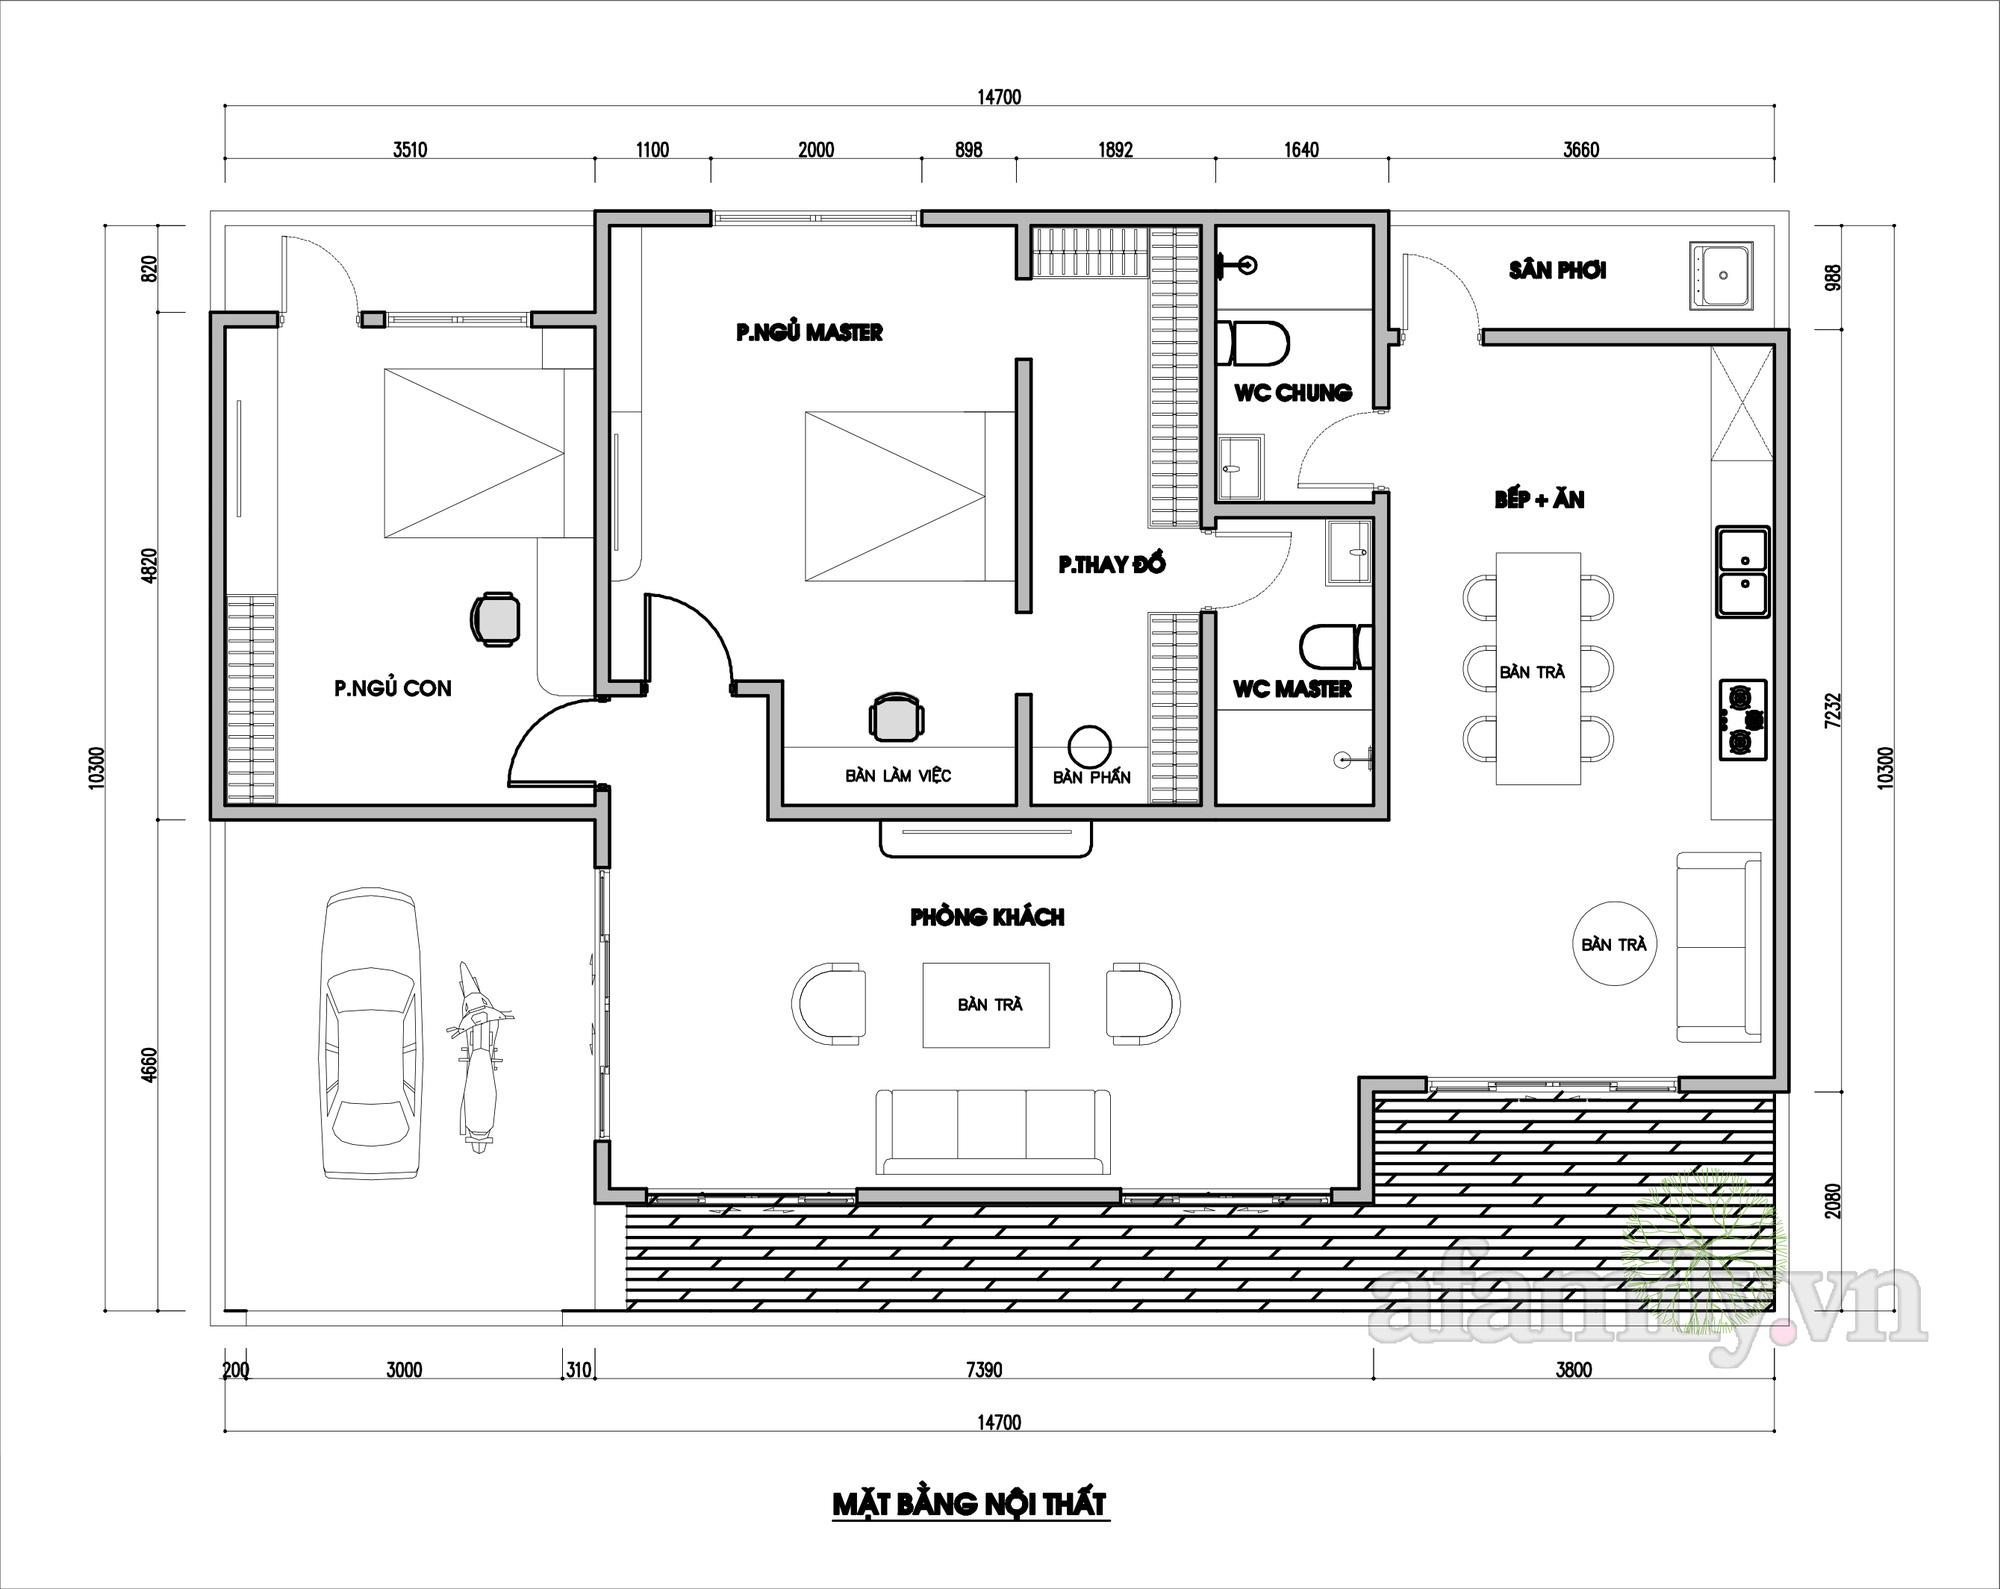 Tư vấn thiết kế nhà cấp 4 mái bằng 150m² chi phí 200 triệu - Ảnh 2.